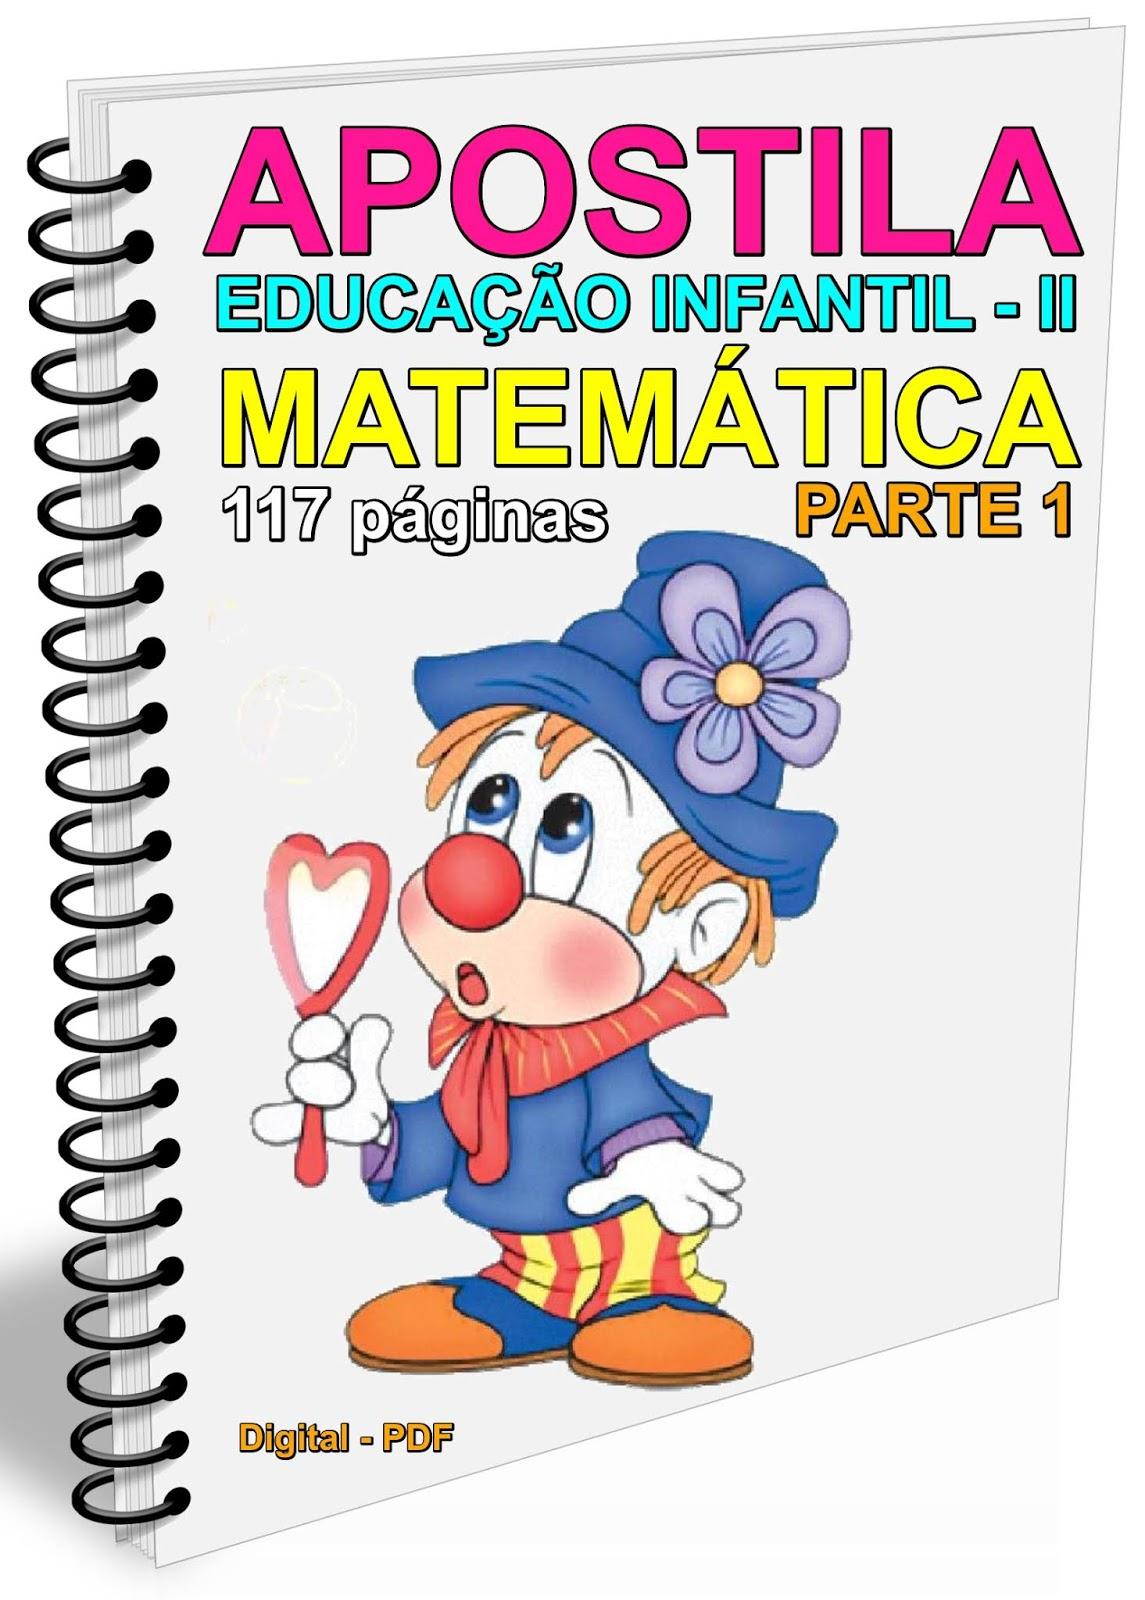 Apostila Educação Infantil Ii Matemática Parte 1 117 Páginas